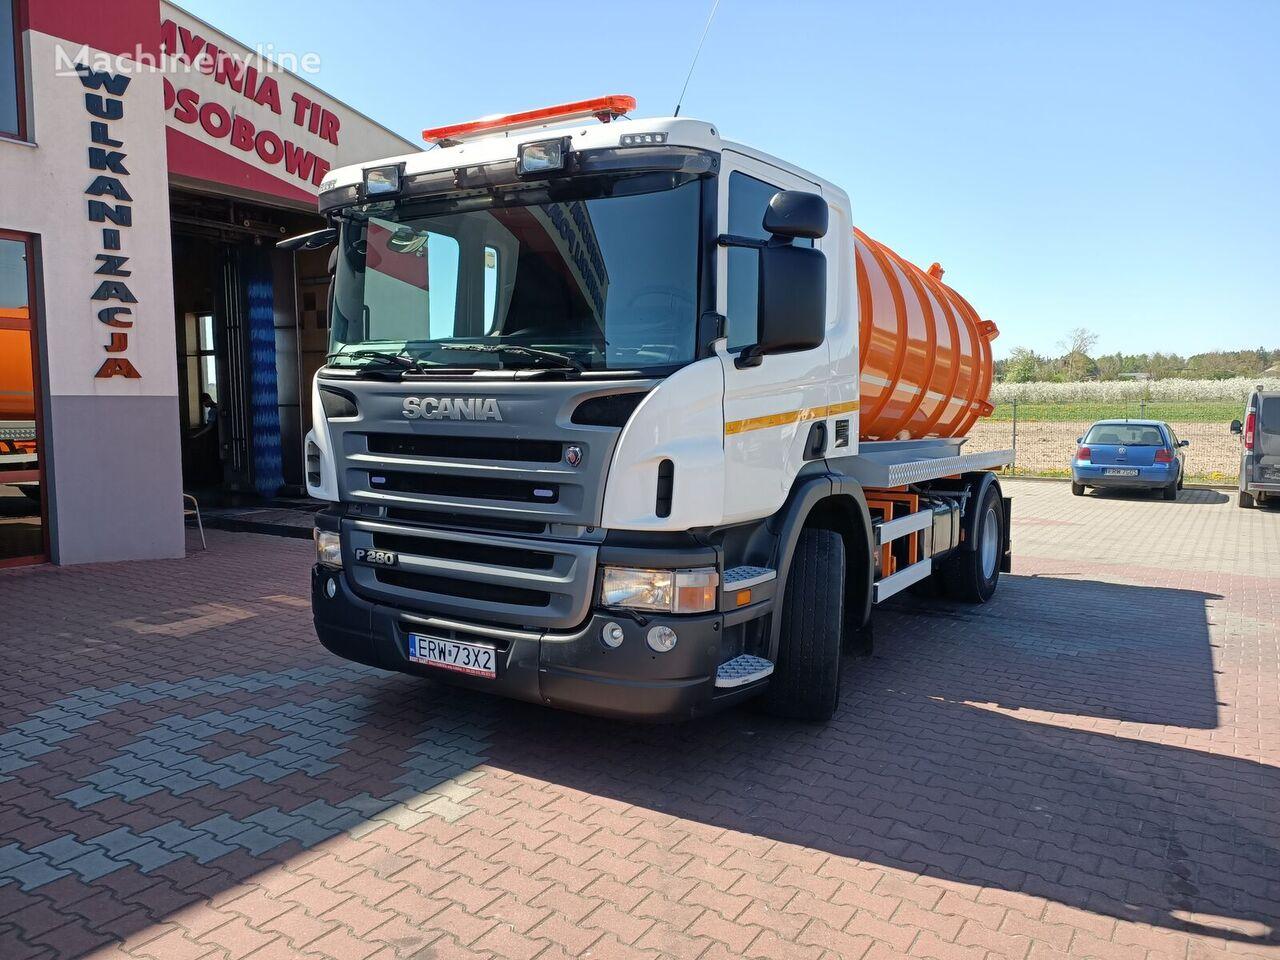 SCANIA P280 VACUM vacuum truck